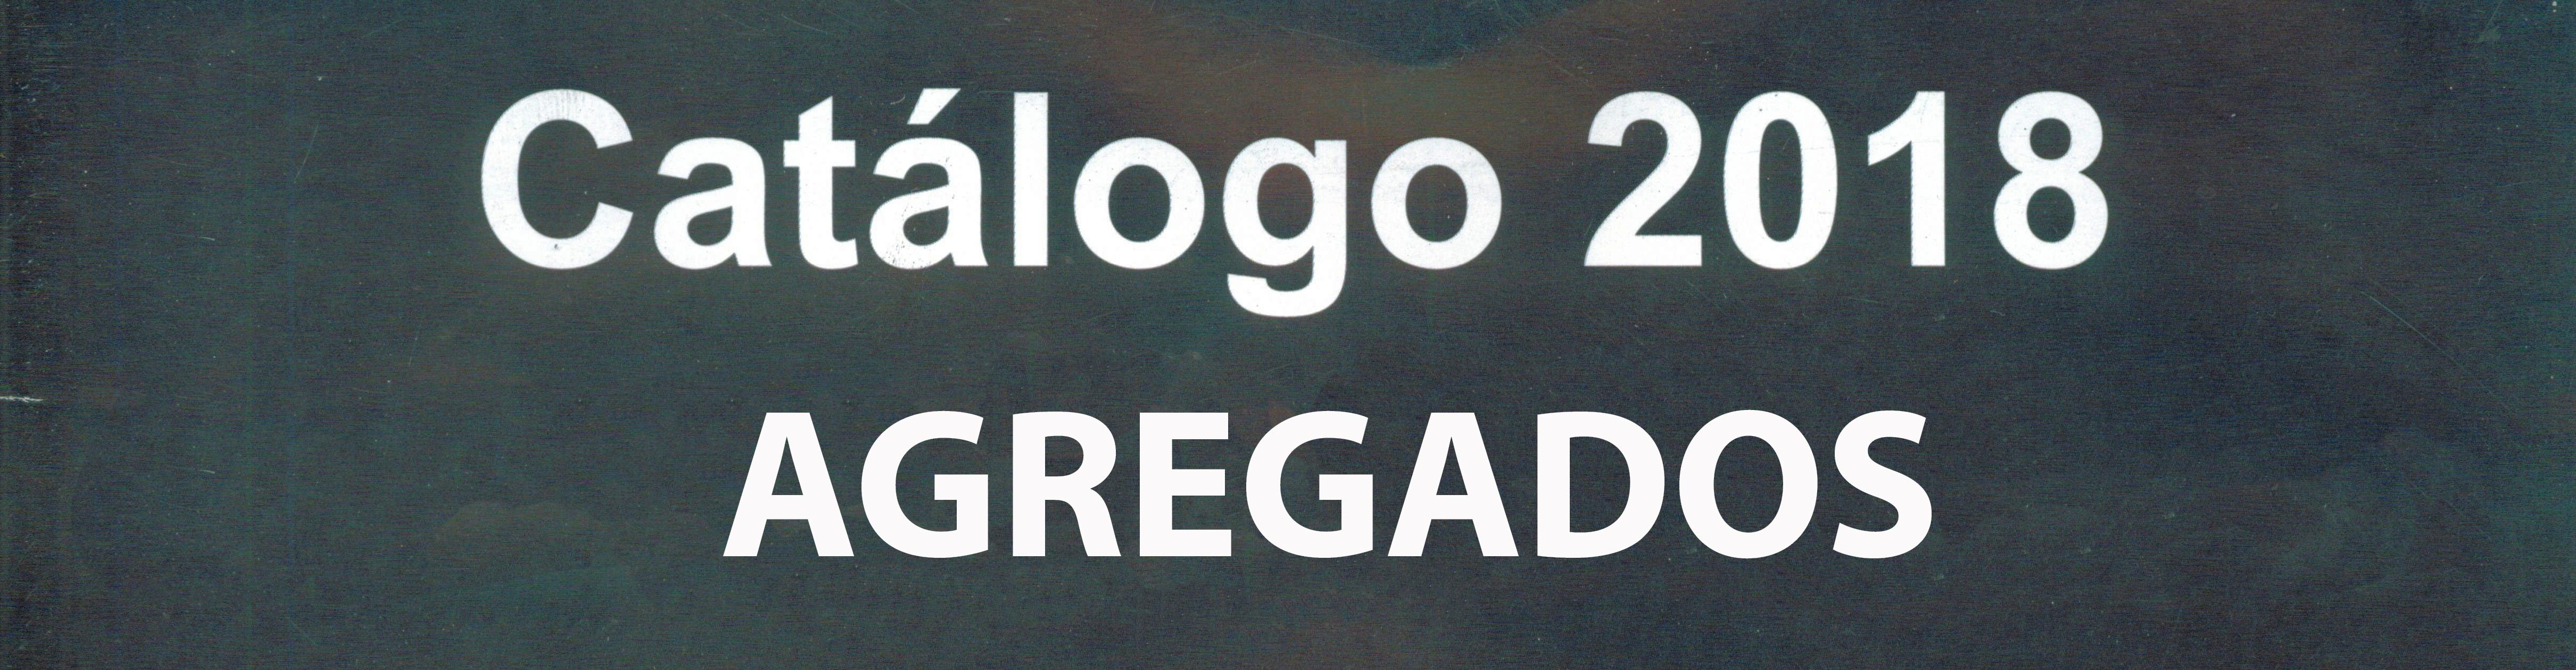 AGREGADOS CATALOGO 2018 (ABRIL 2021)